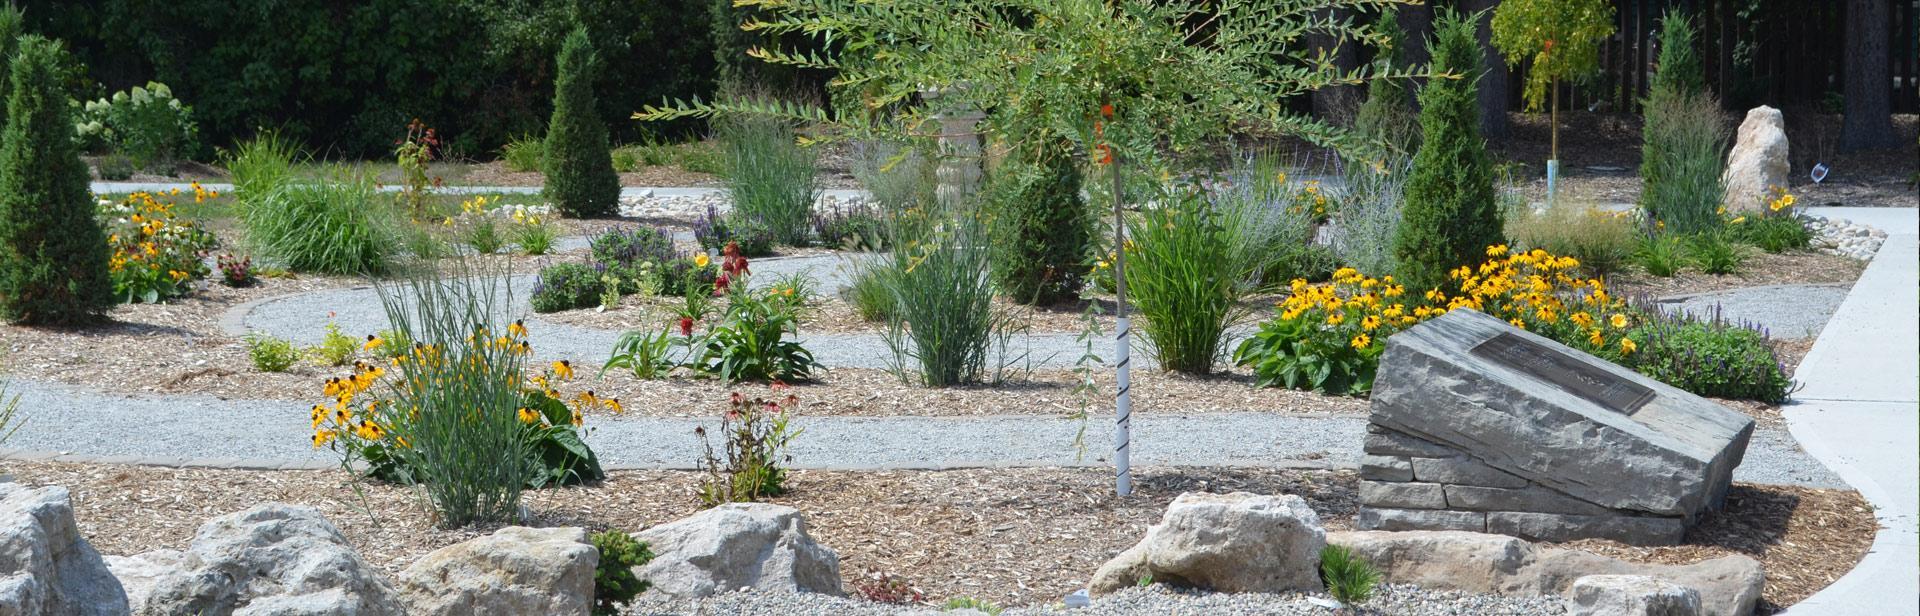 norval garden of the senses